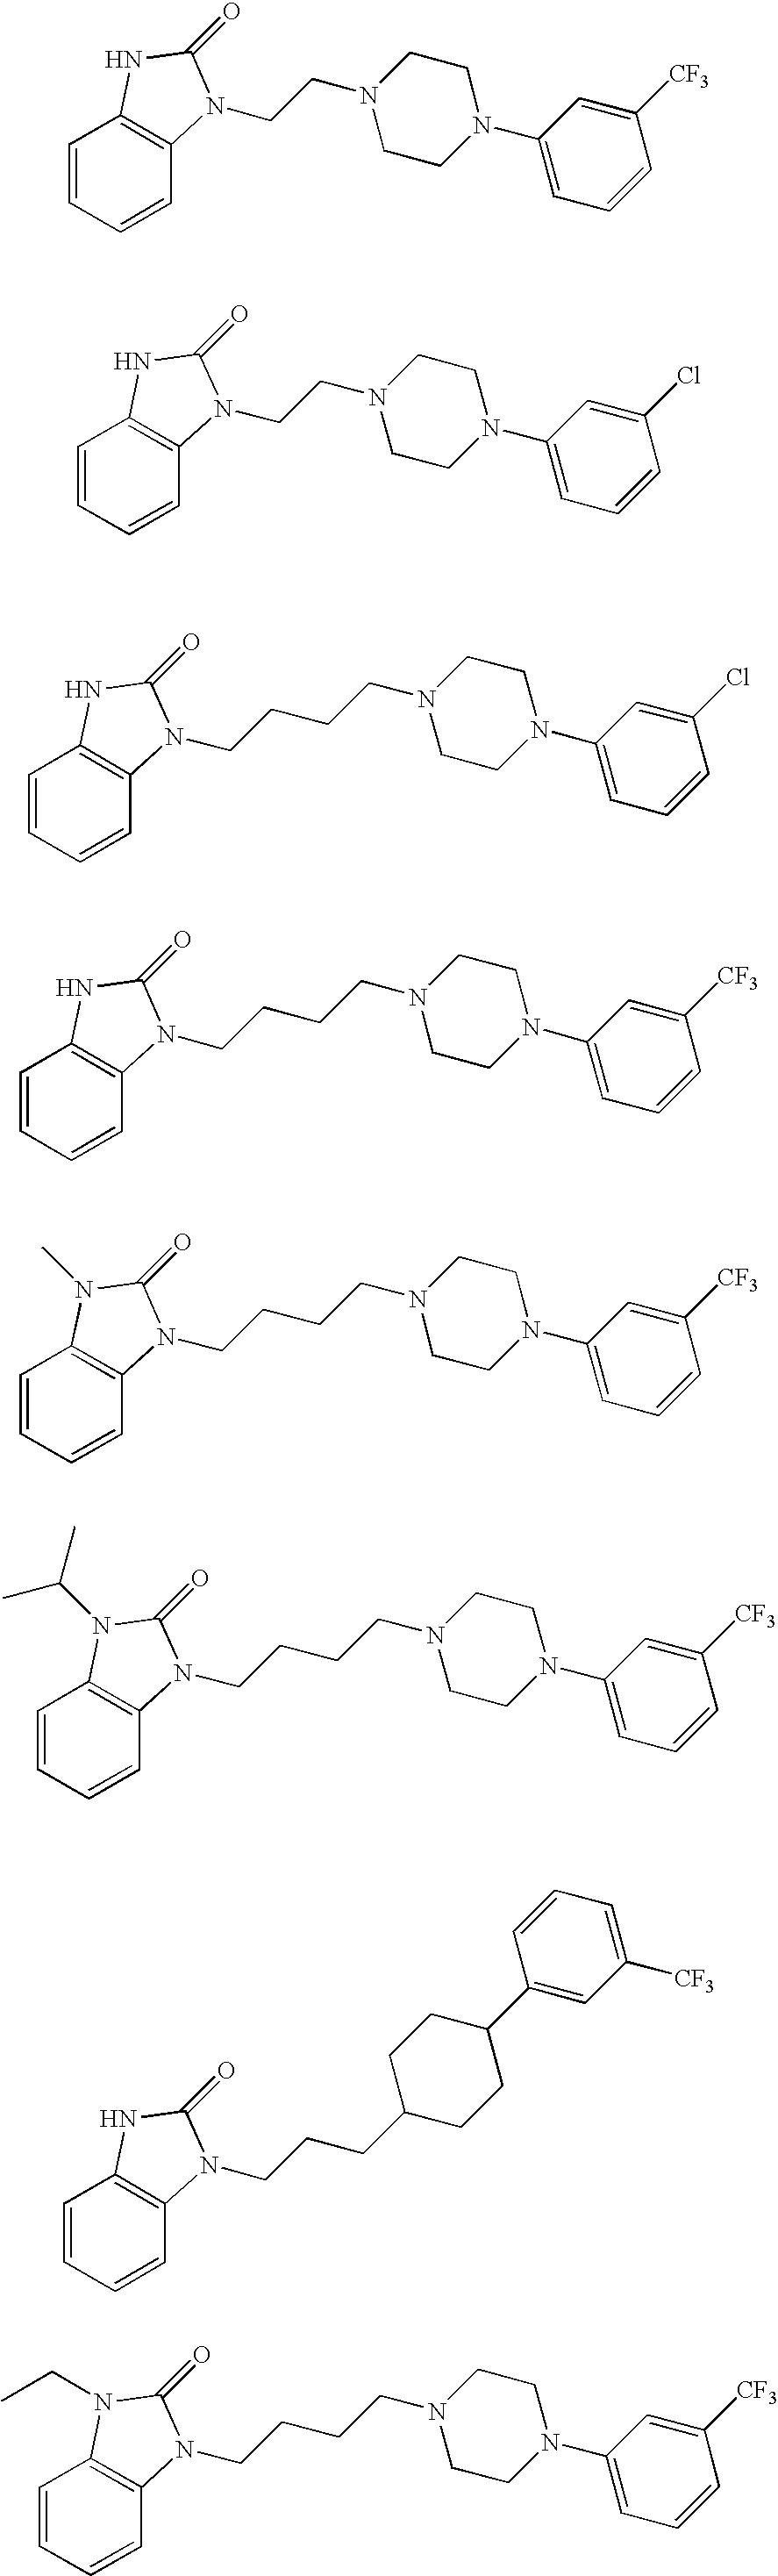 Figure US20100009983A1-20100114-C00206